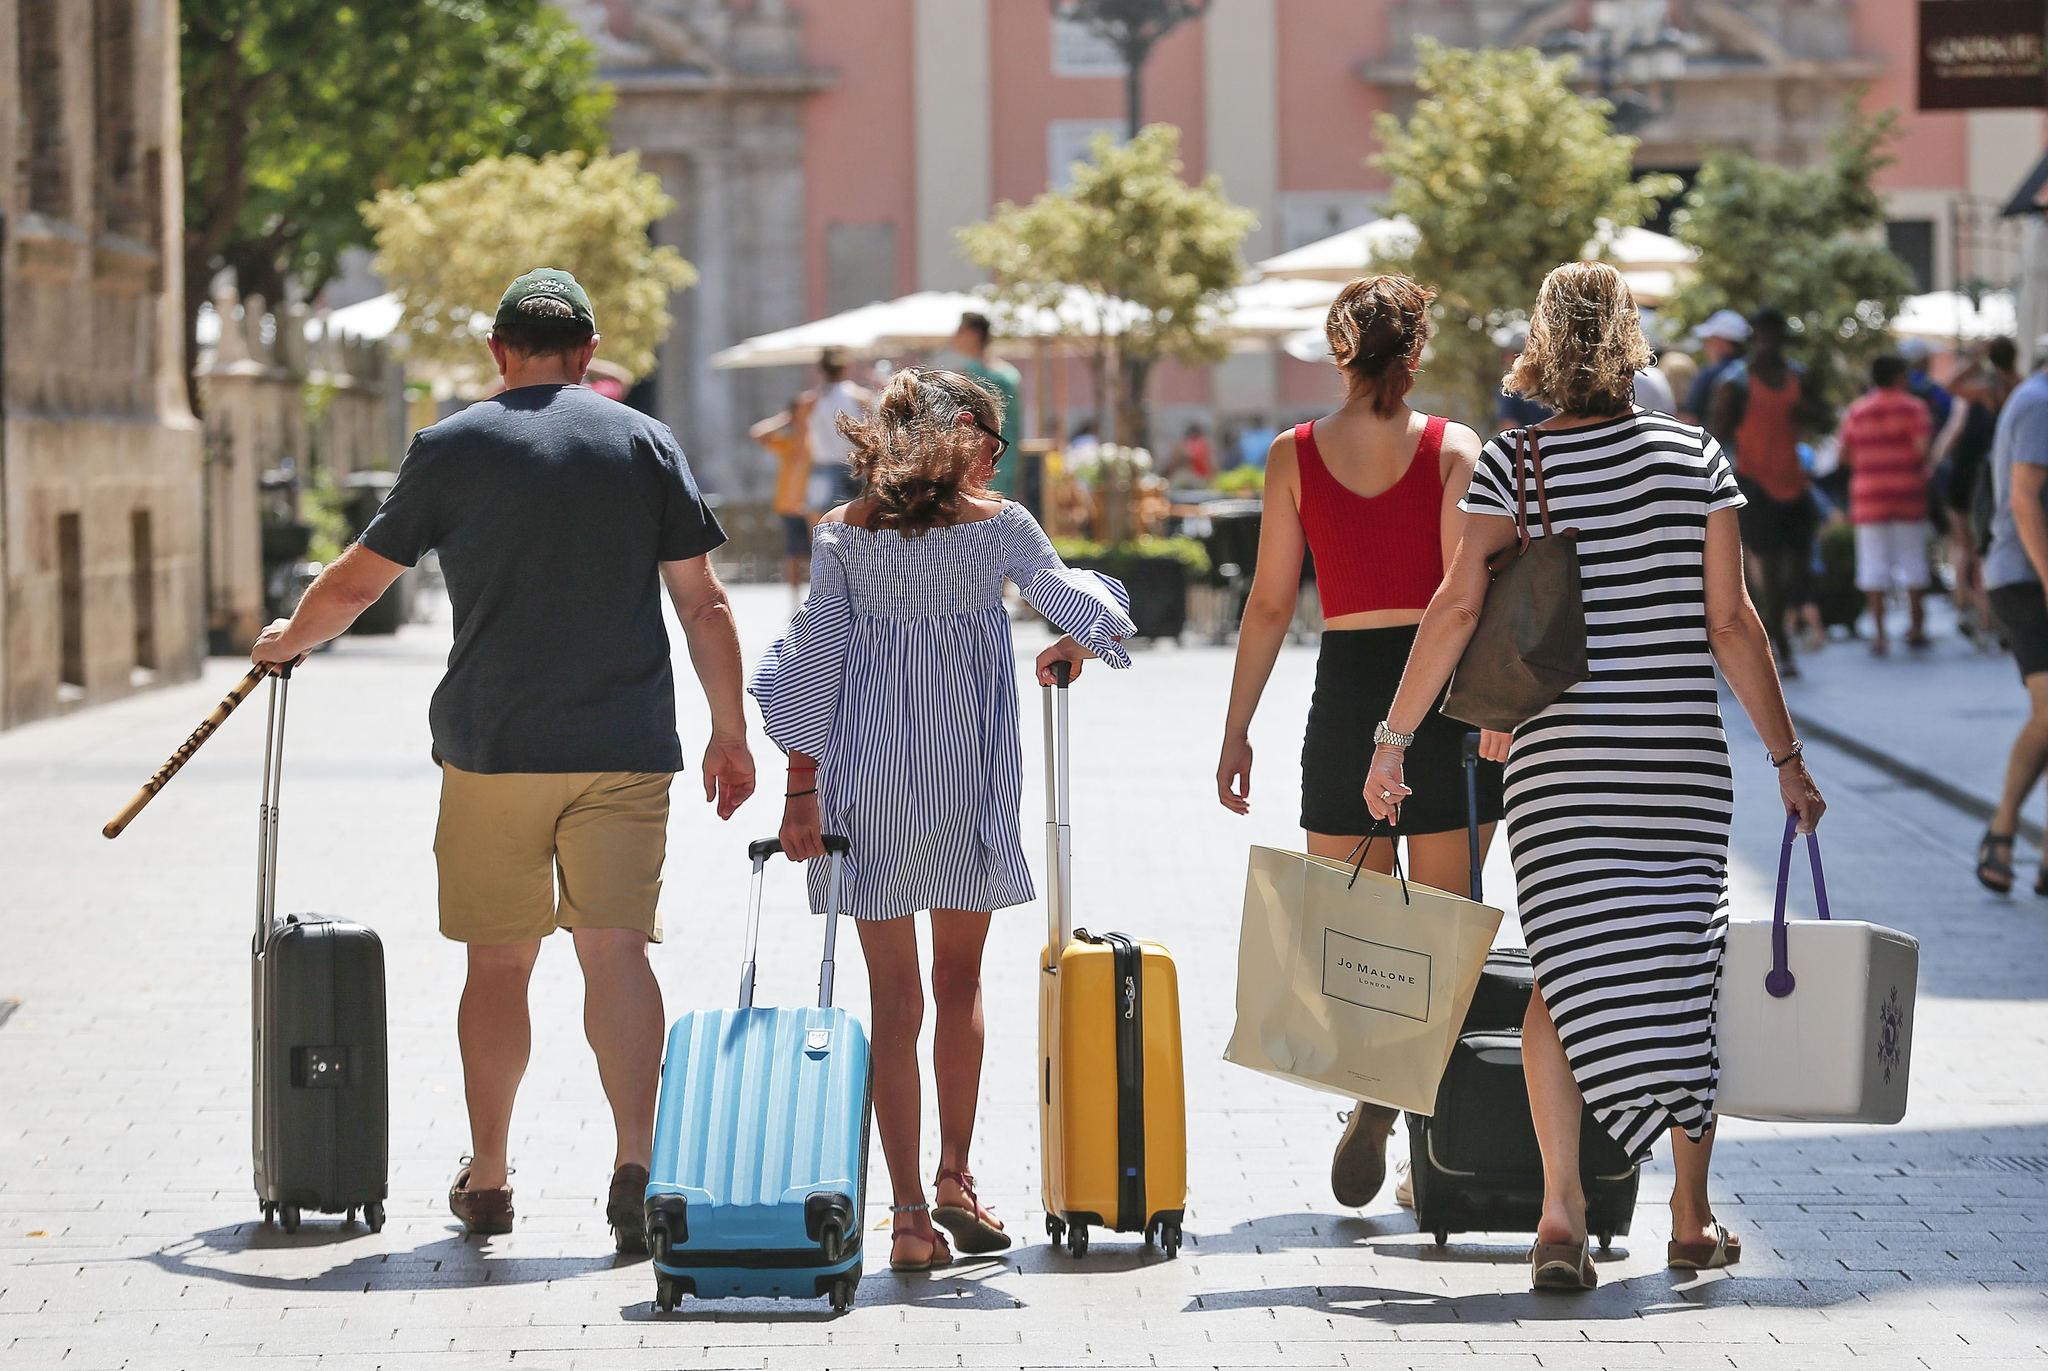 La Covid aleja de España al turismo internacional: 5,5 millones menos de visitantes que en julio de 2019.